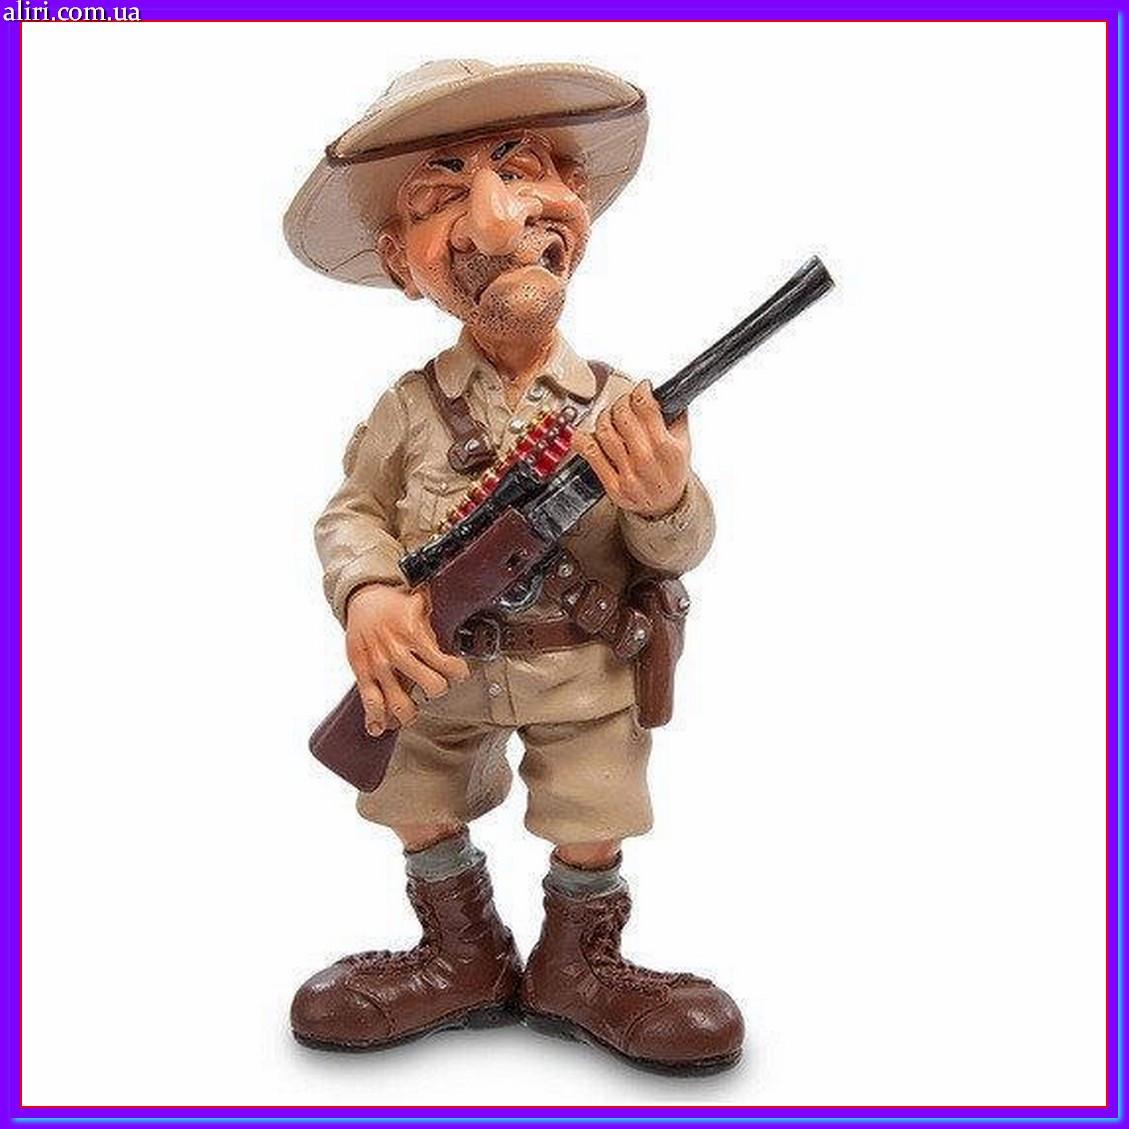 Статуэтка Охотник сафари 17 см W.Stratford, прикольный подарок охотнику